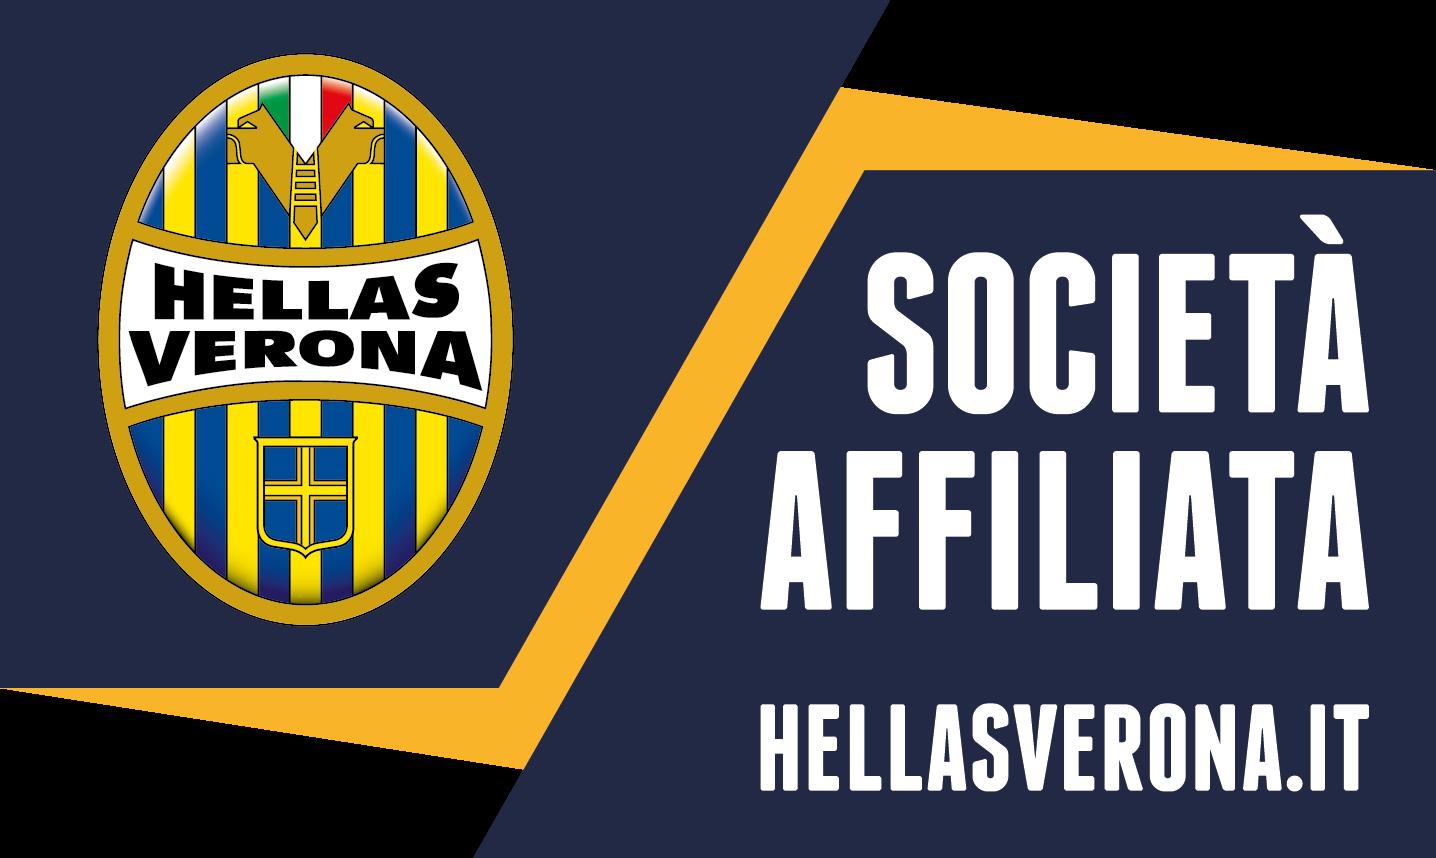 Società Affiliata Hellas Verona